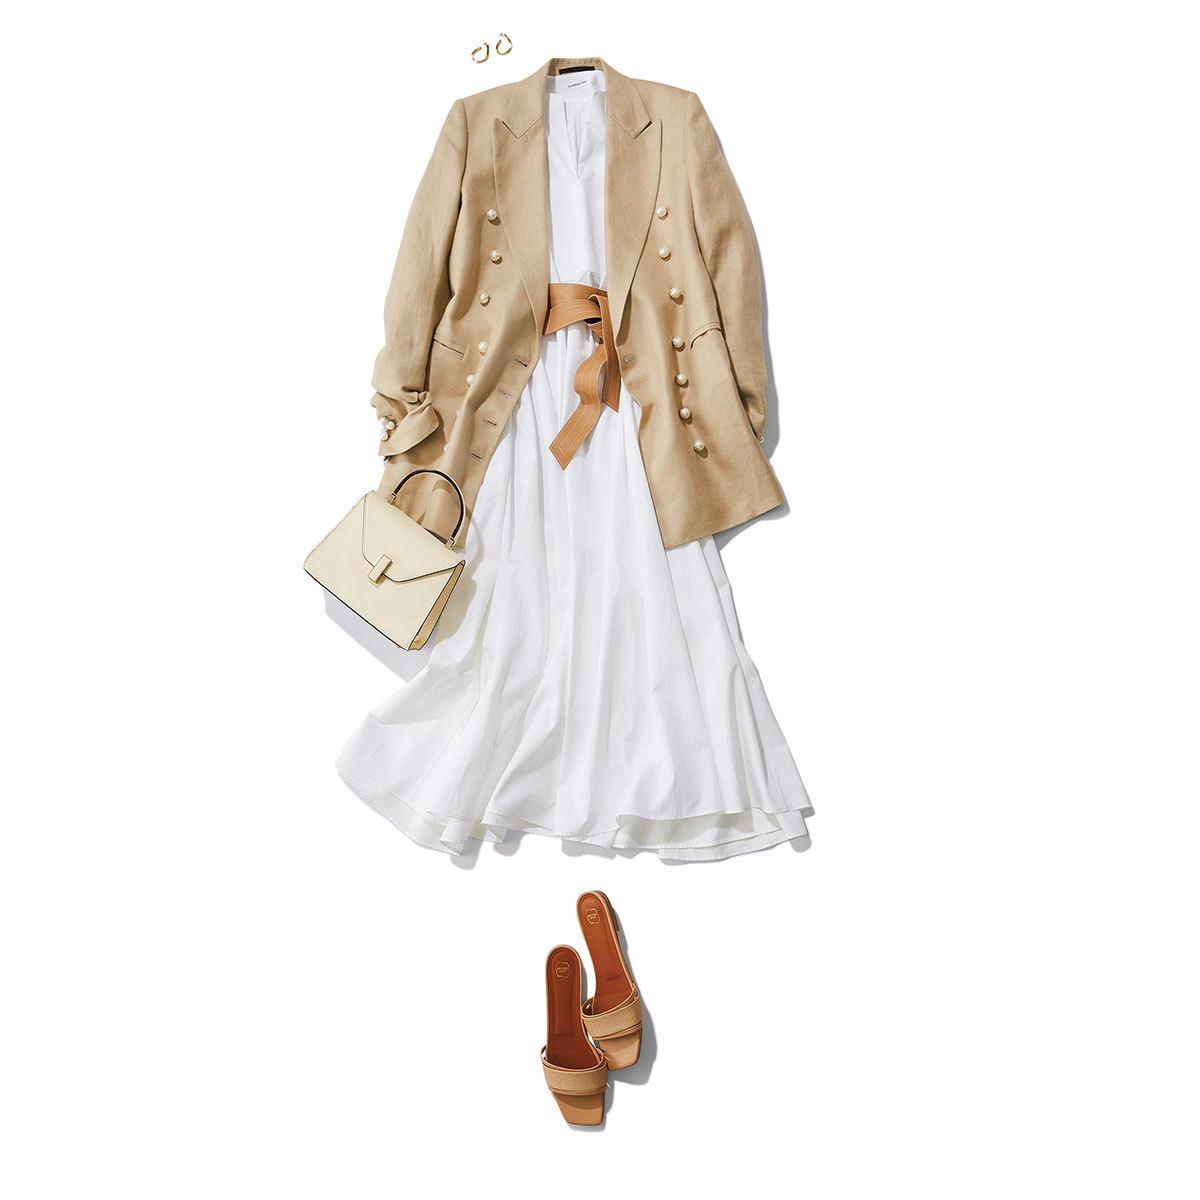 ベージュのkジャケット×白のロングワンピースコーデ